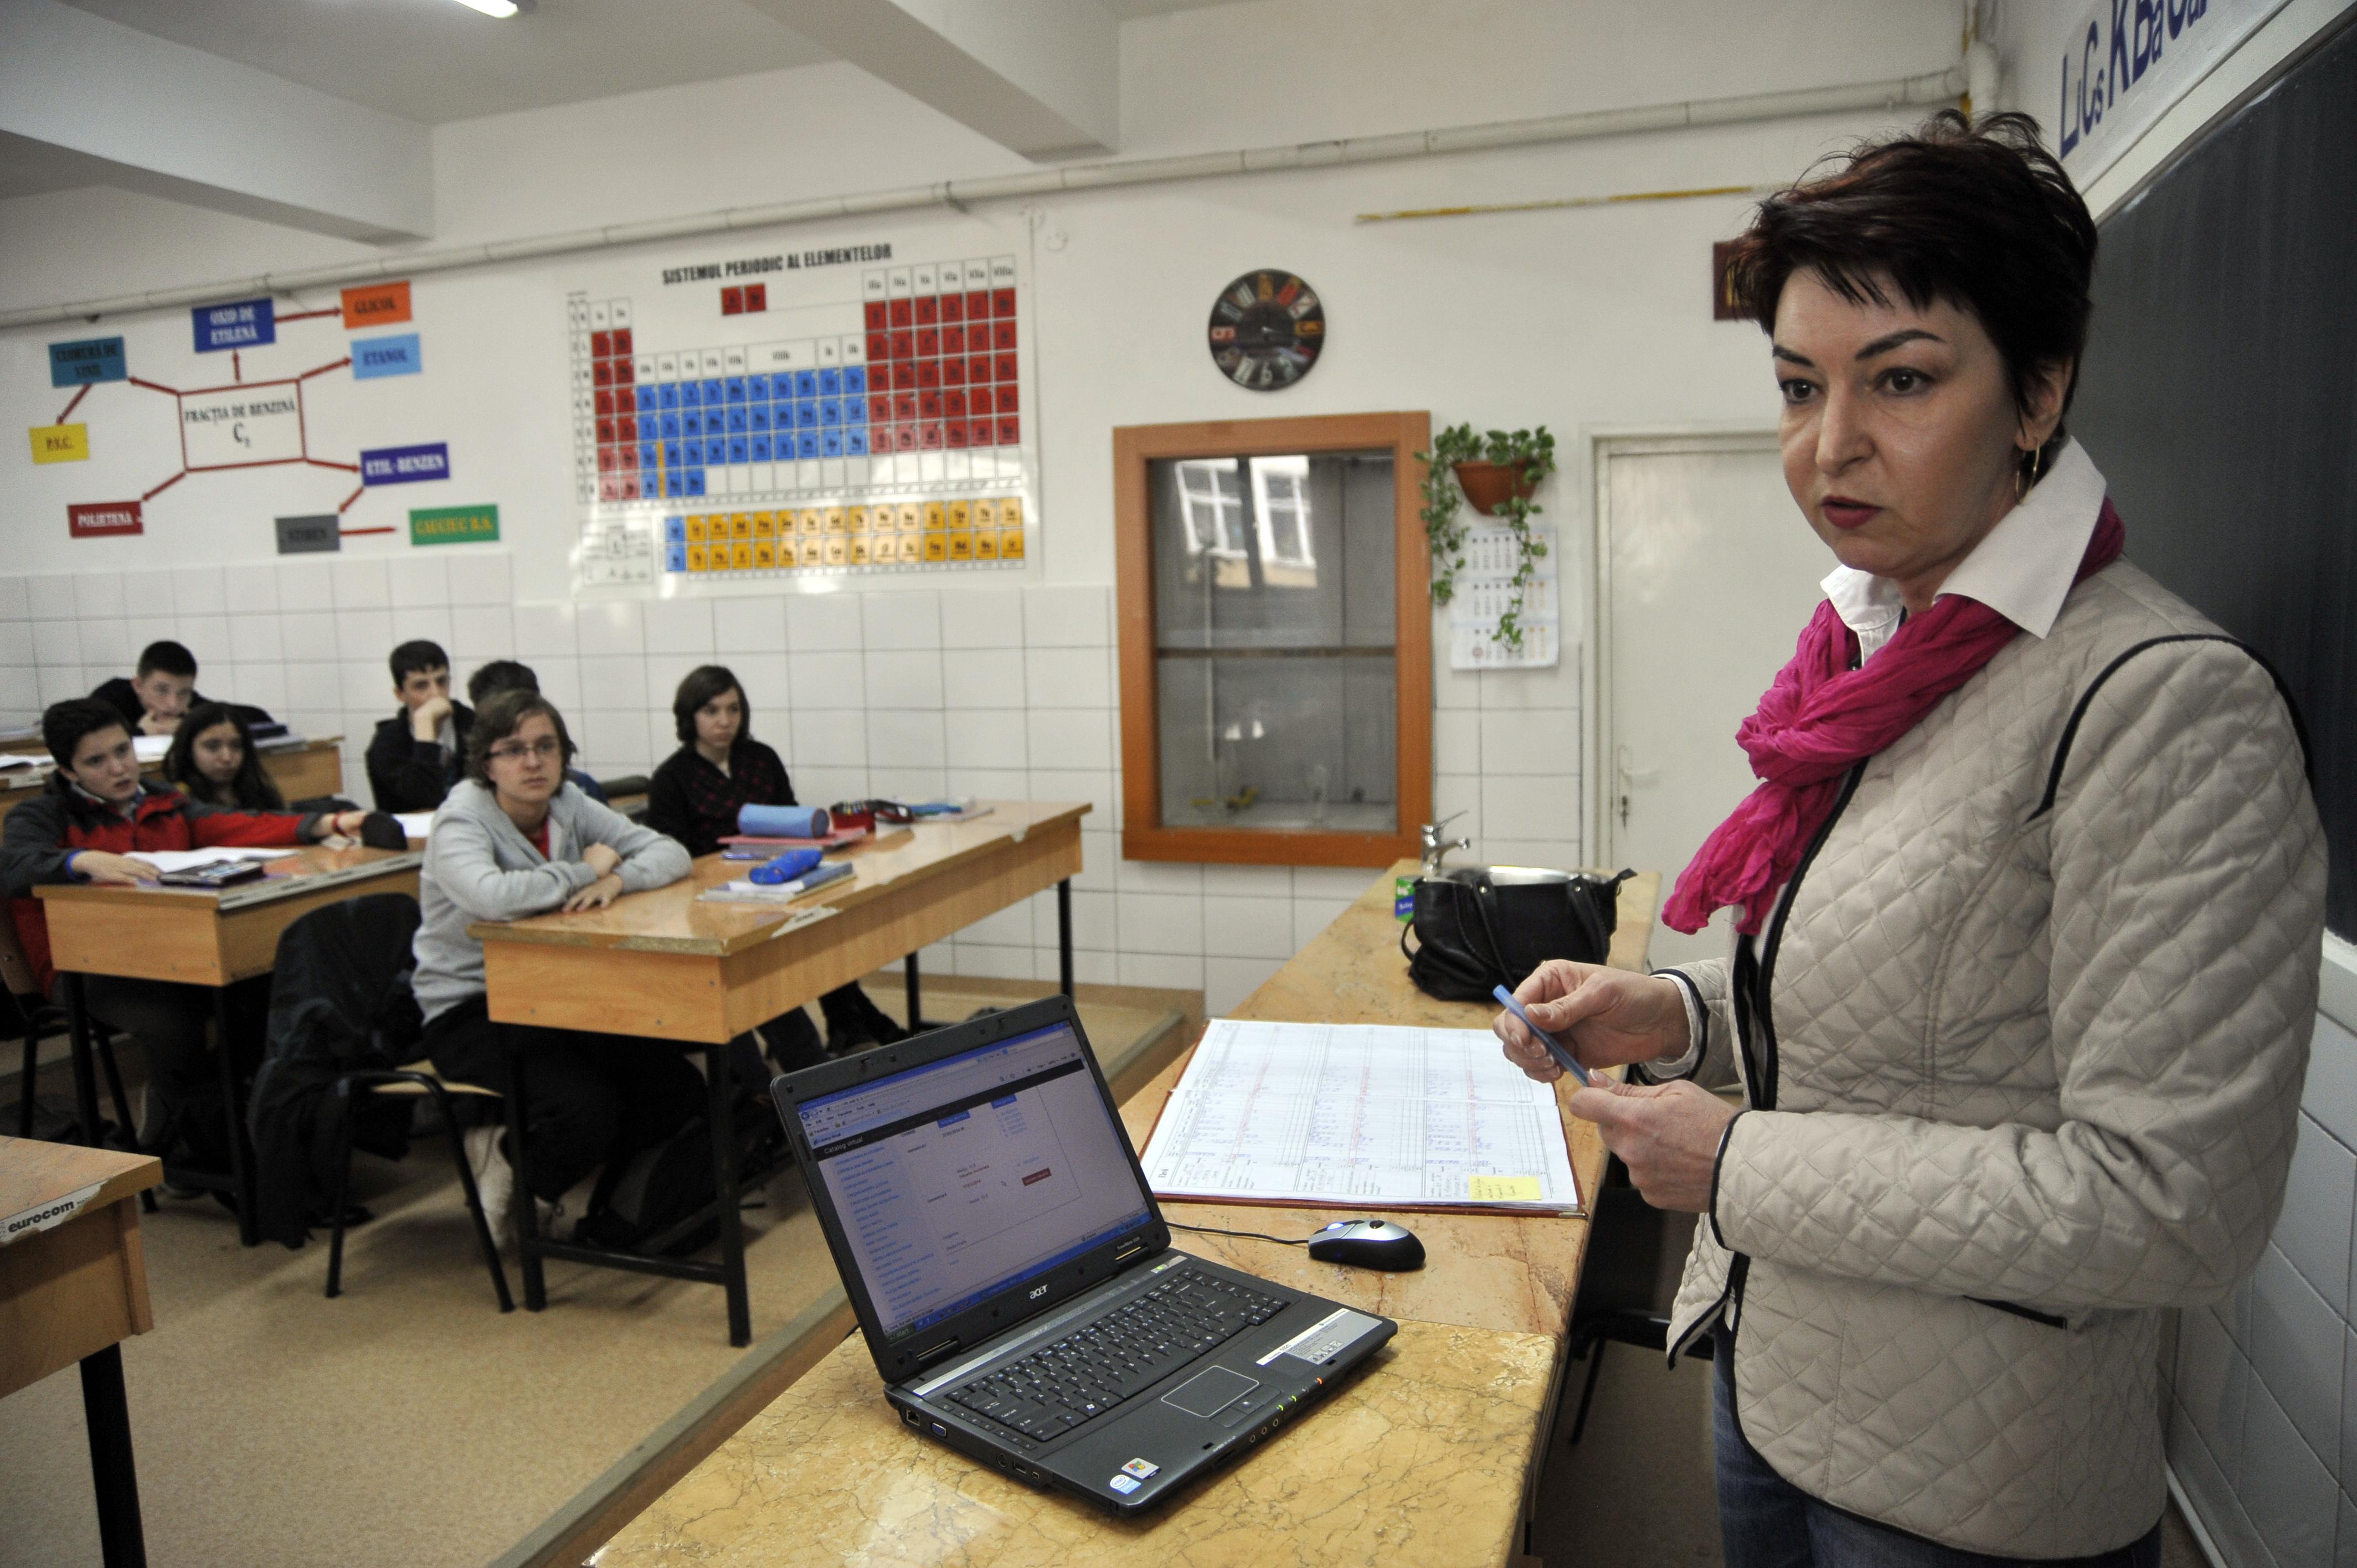 RAPORTUL privind Statutul Elevului: 67% dintre elevi primesc note în catalog fără ca ei să fie informaţi. Ce probleme au mai fost reclamate